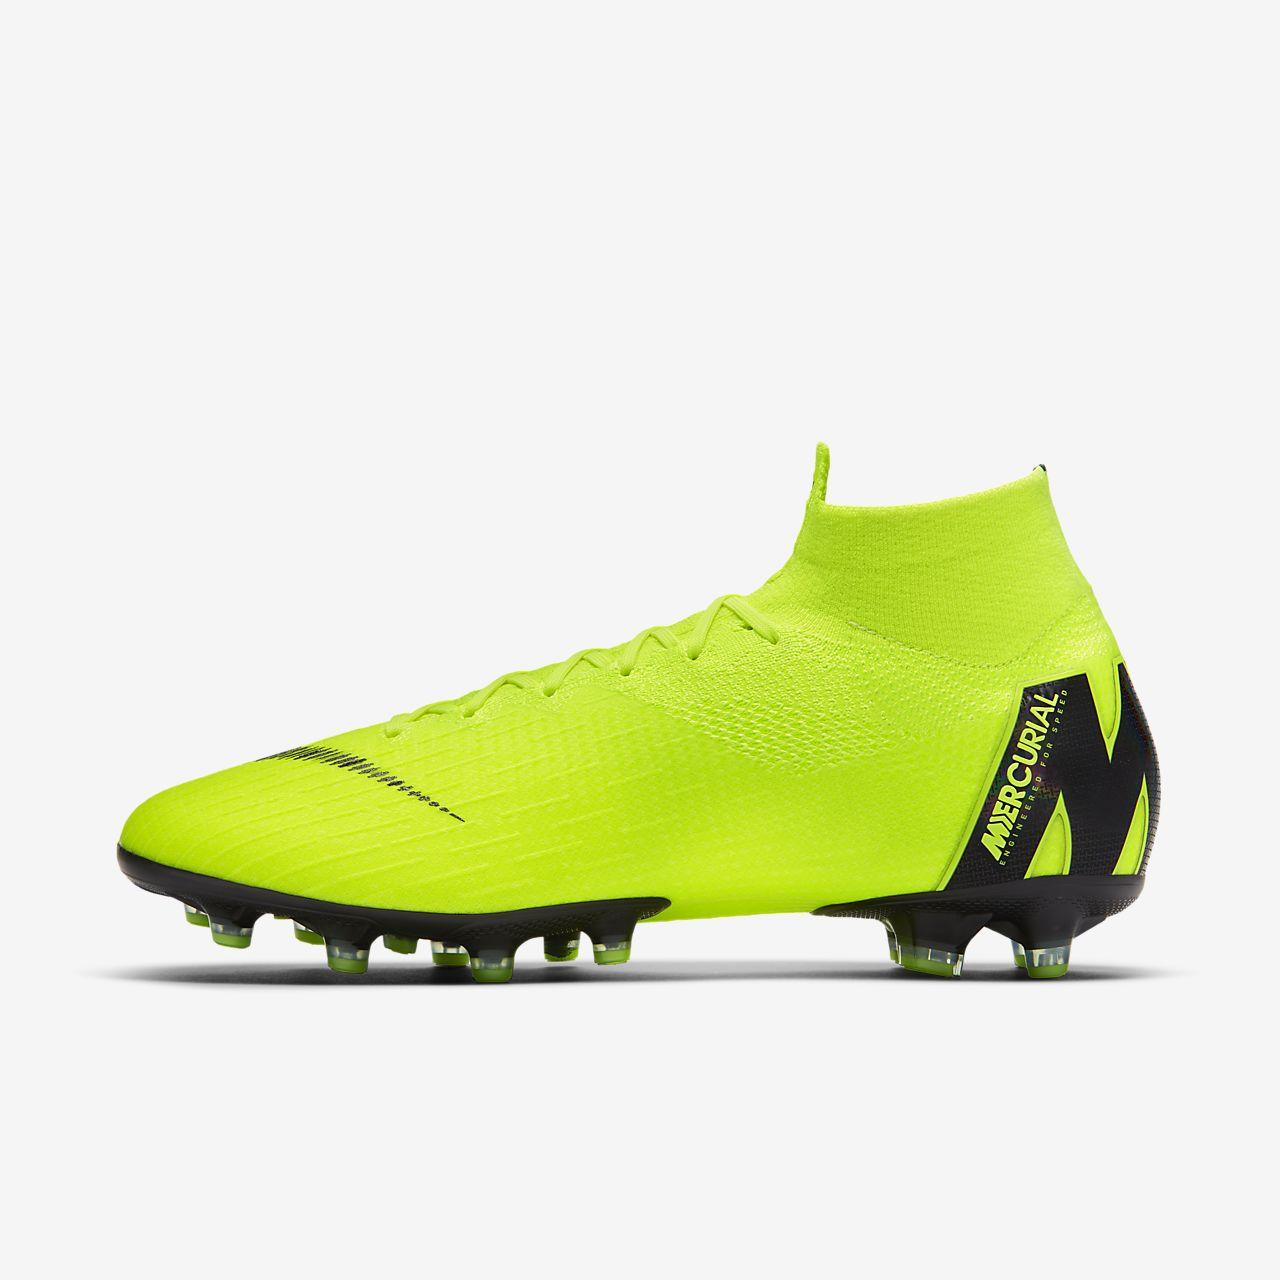 Футбольные бутсы для игры на искусственном газоне Nike Mercurial Superfly 360 Elite AG-PRO